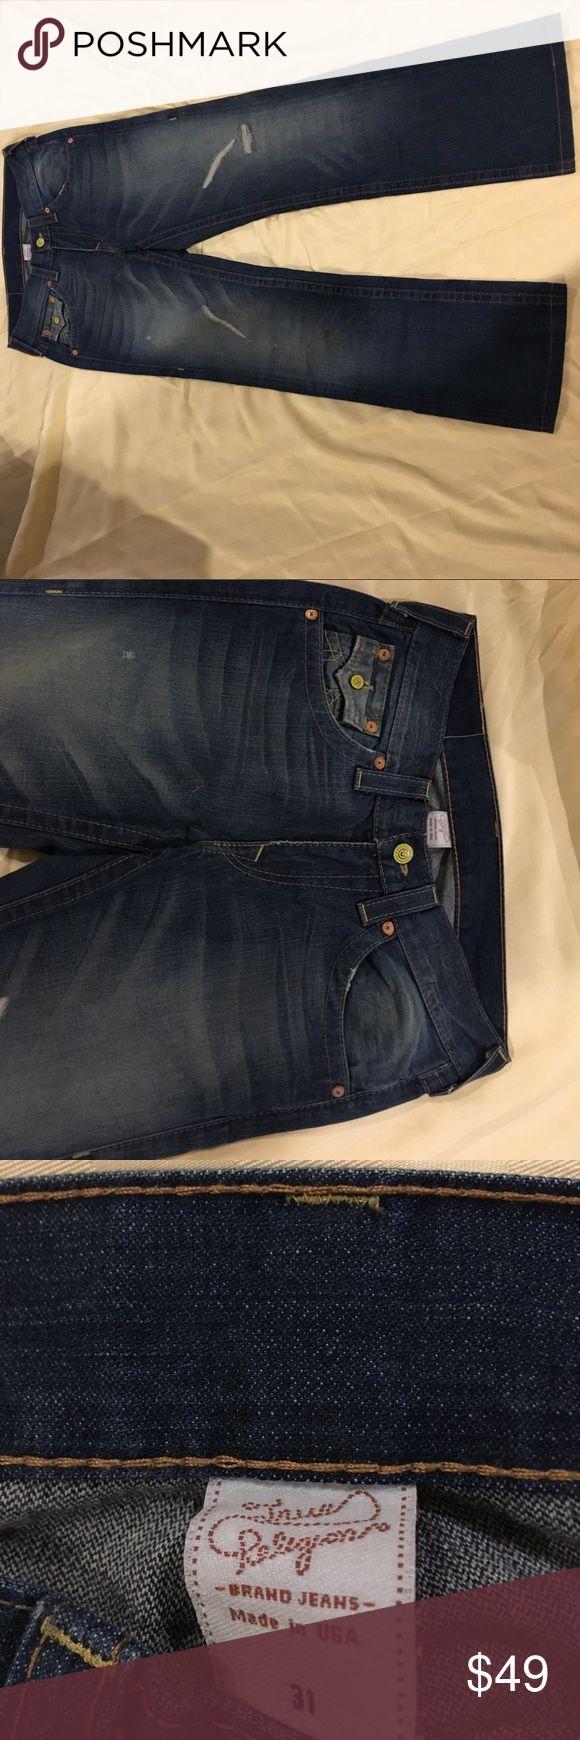 True Religion men's jeans size 31 x 30 World tour men's jeans blue Distressed True Religion Jeans Straight